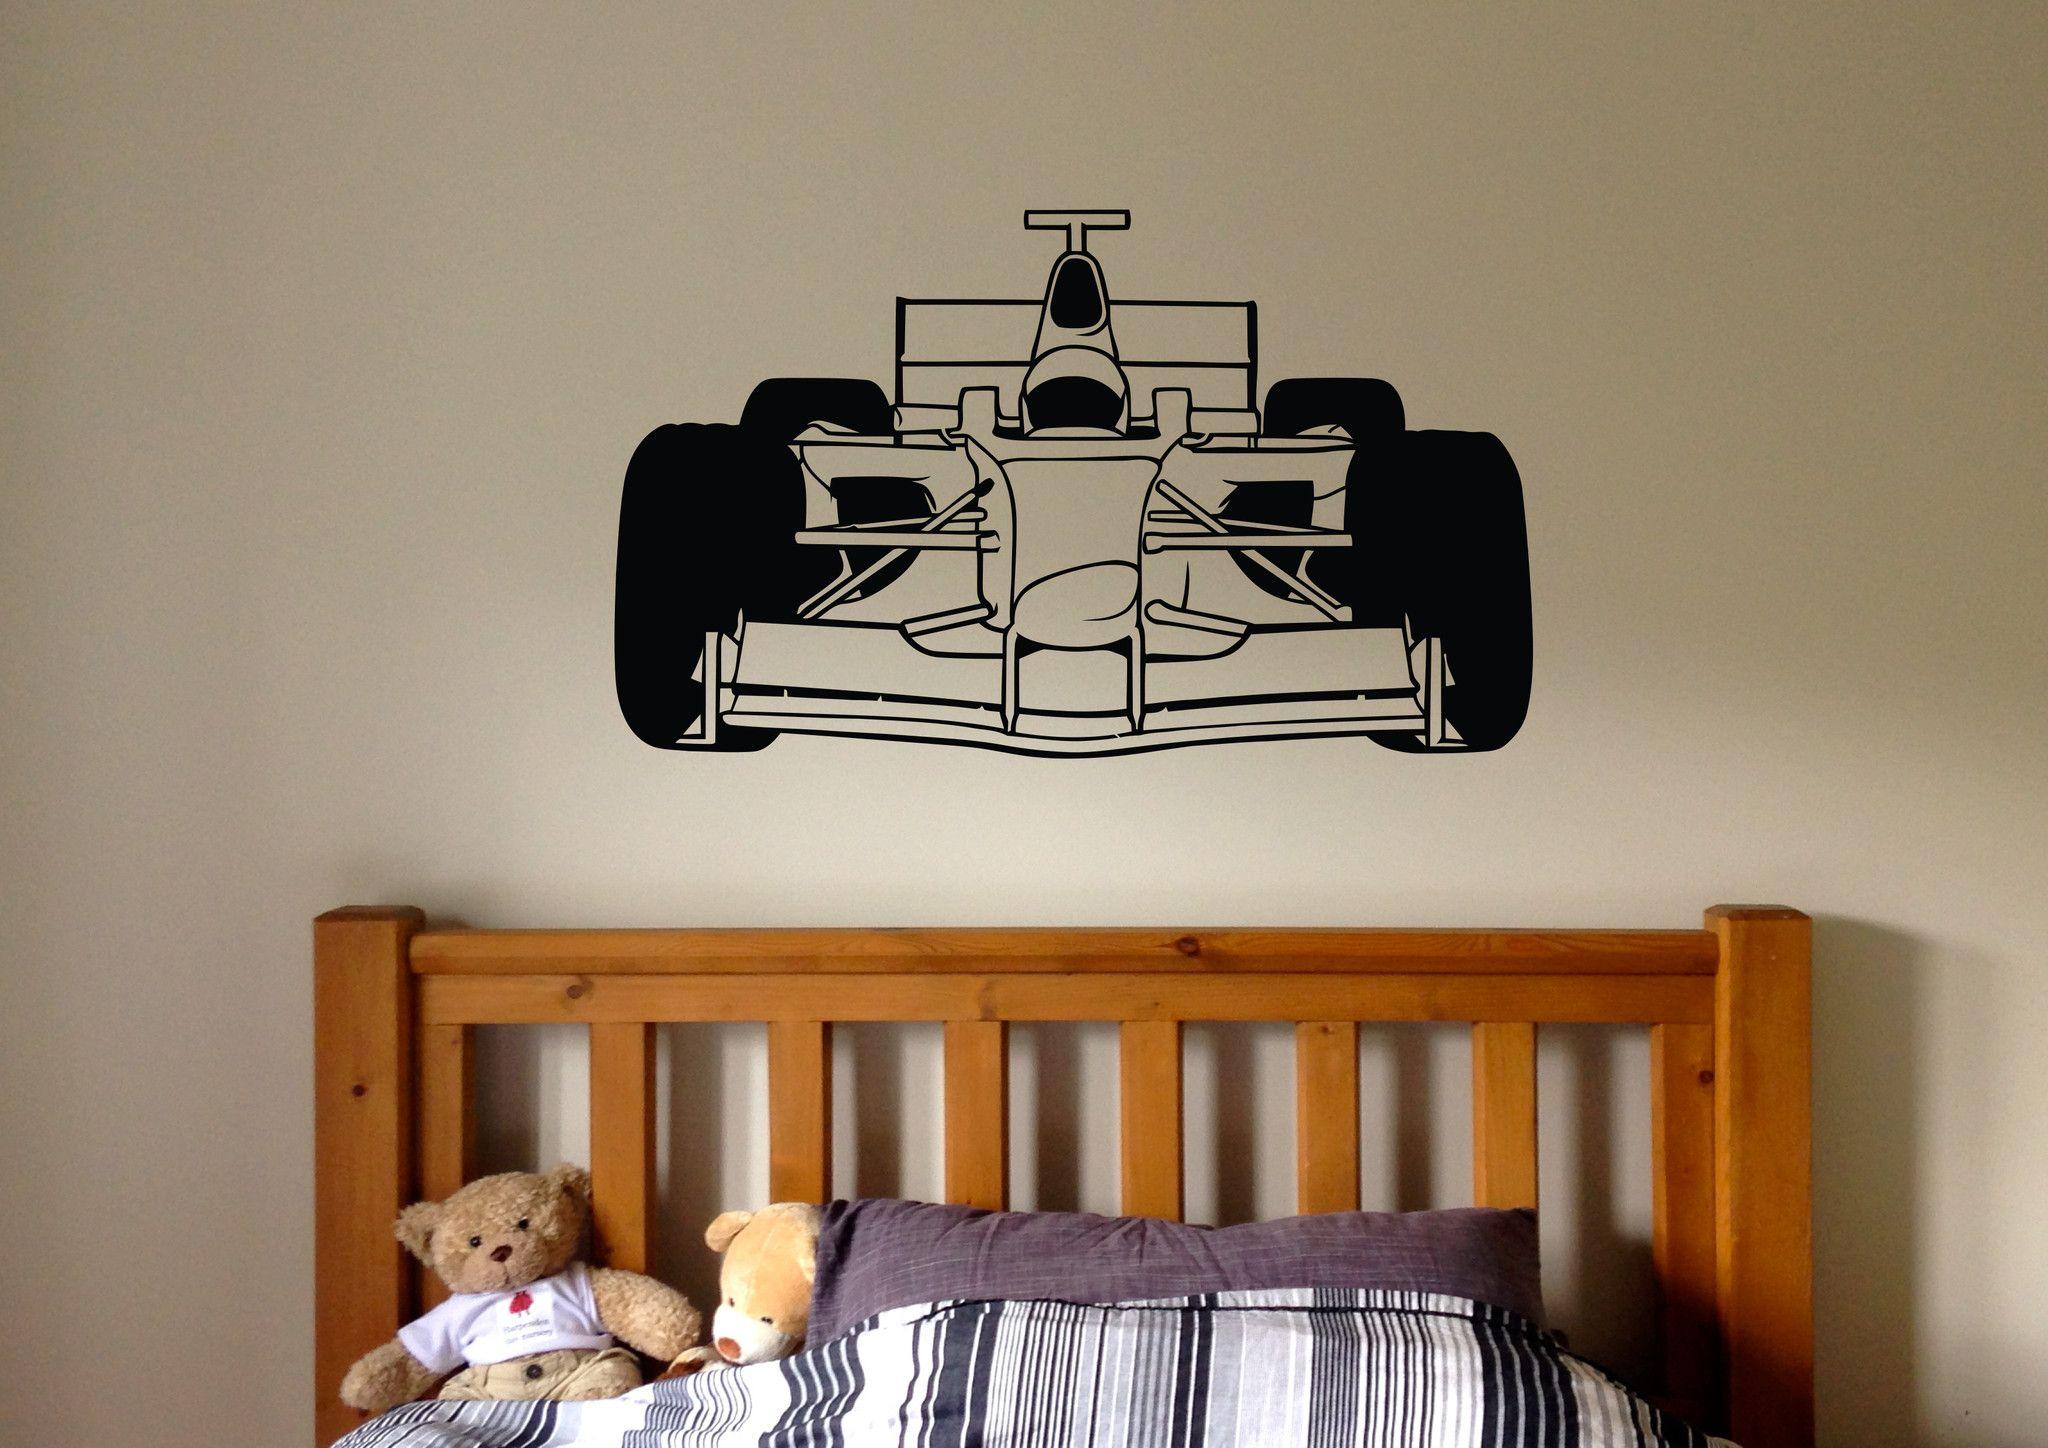 Formula 1 Racing Car Wall Art Decal Style 2 Jongens Slaapkamers Jongens Slaapkamer [ 1448 x 2048 Pixel ]